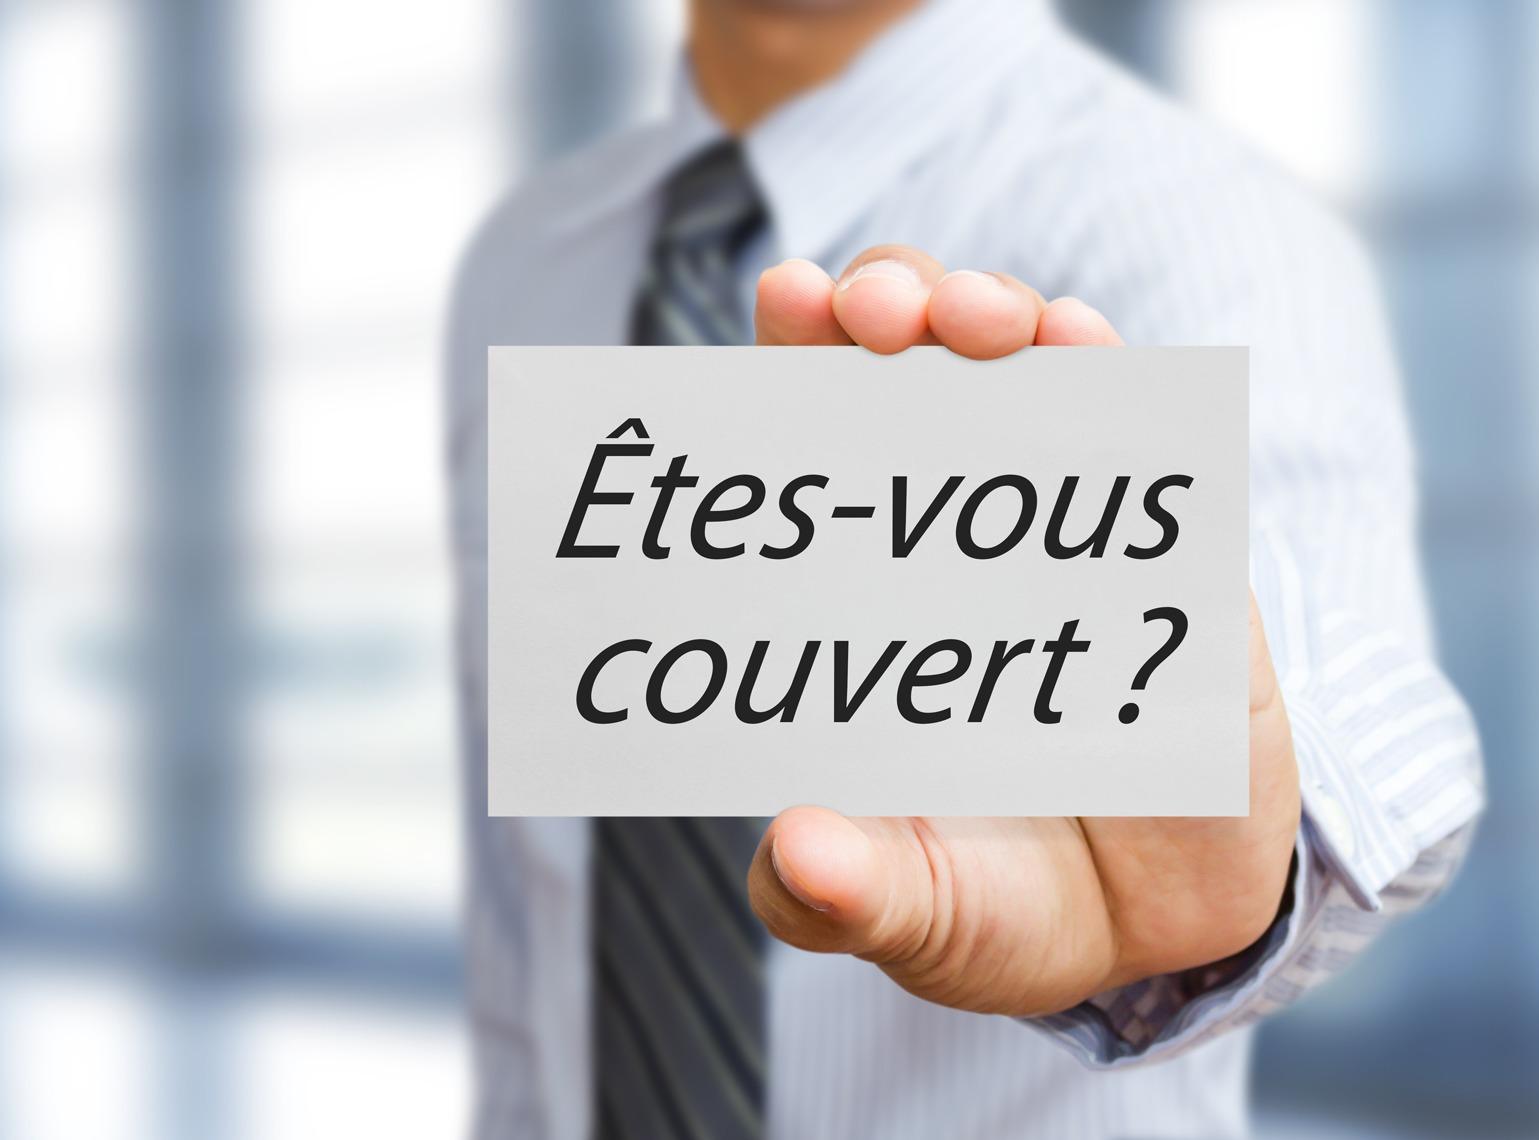 Assurance en ligne : que faut-il vérifier avant de s'engager ?